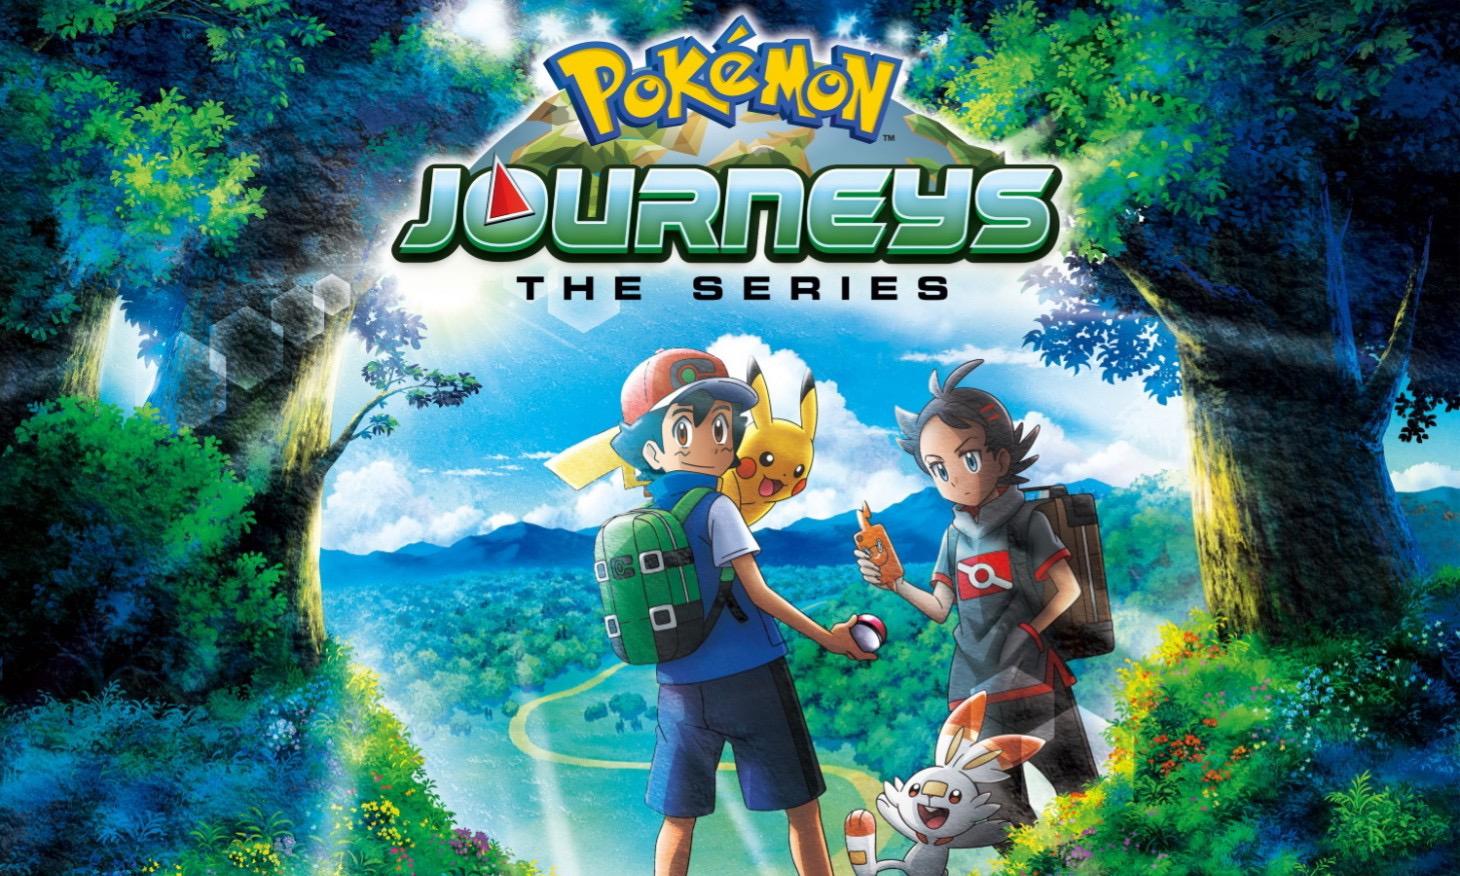 最新《Pokémon Journeys: The Series》系列即将登陆 Netflix